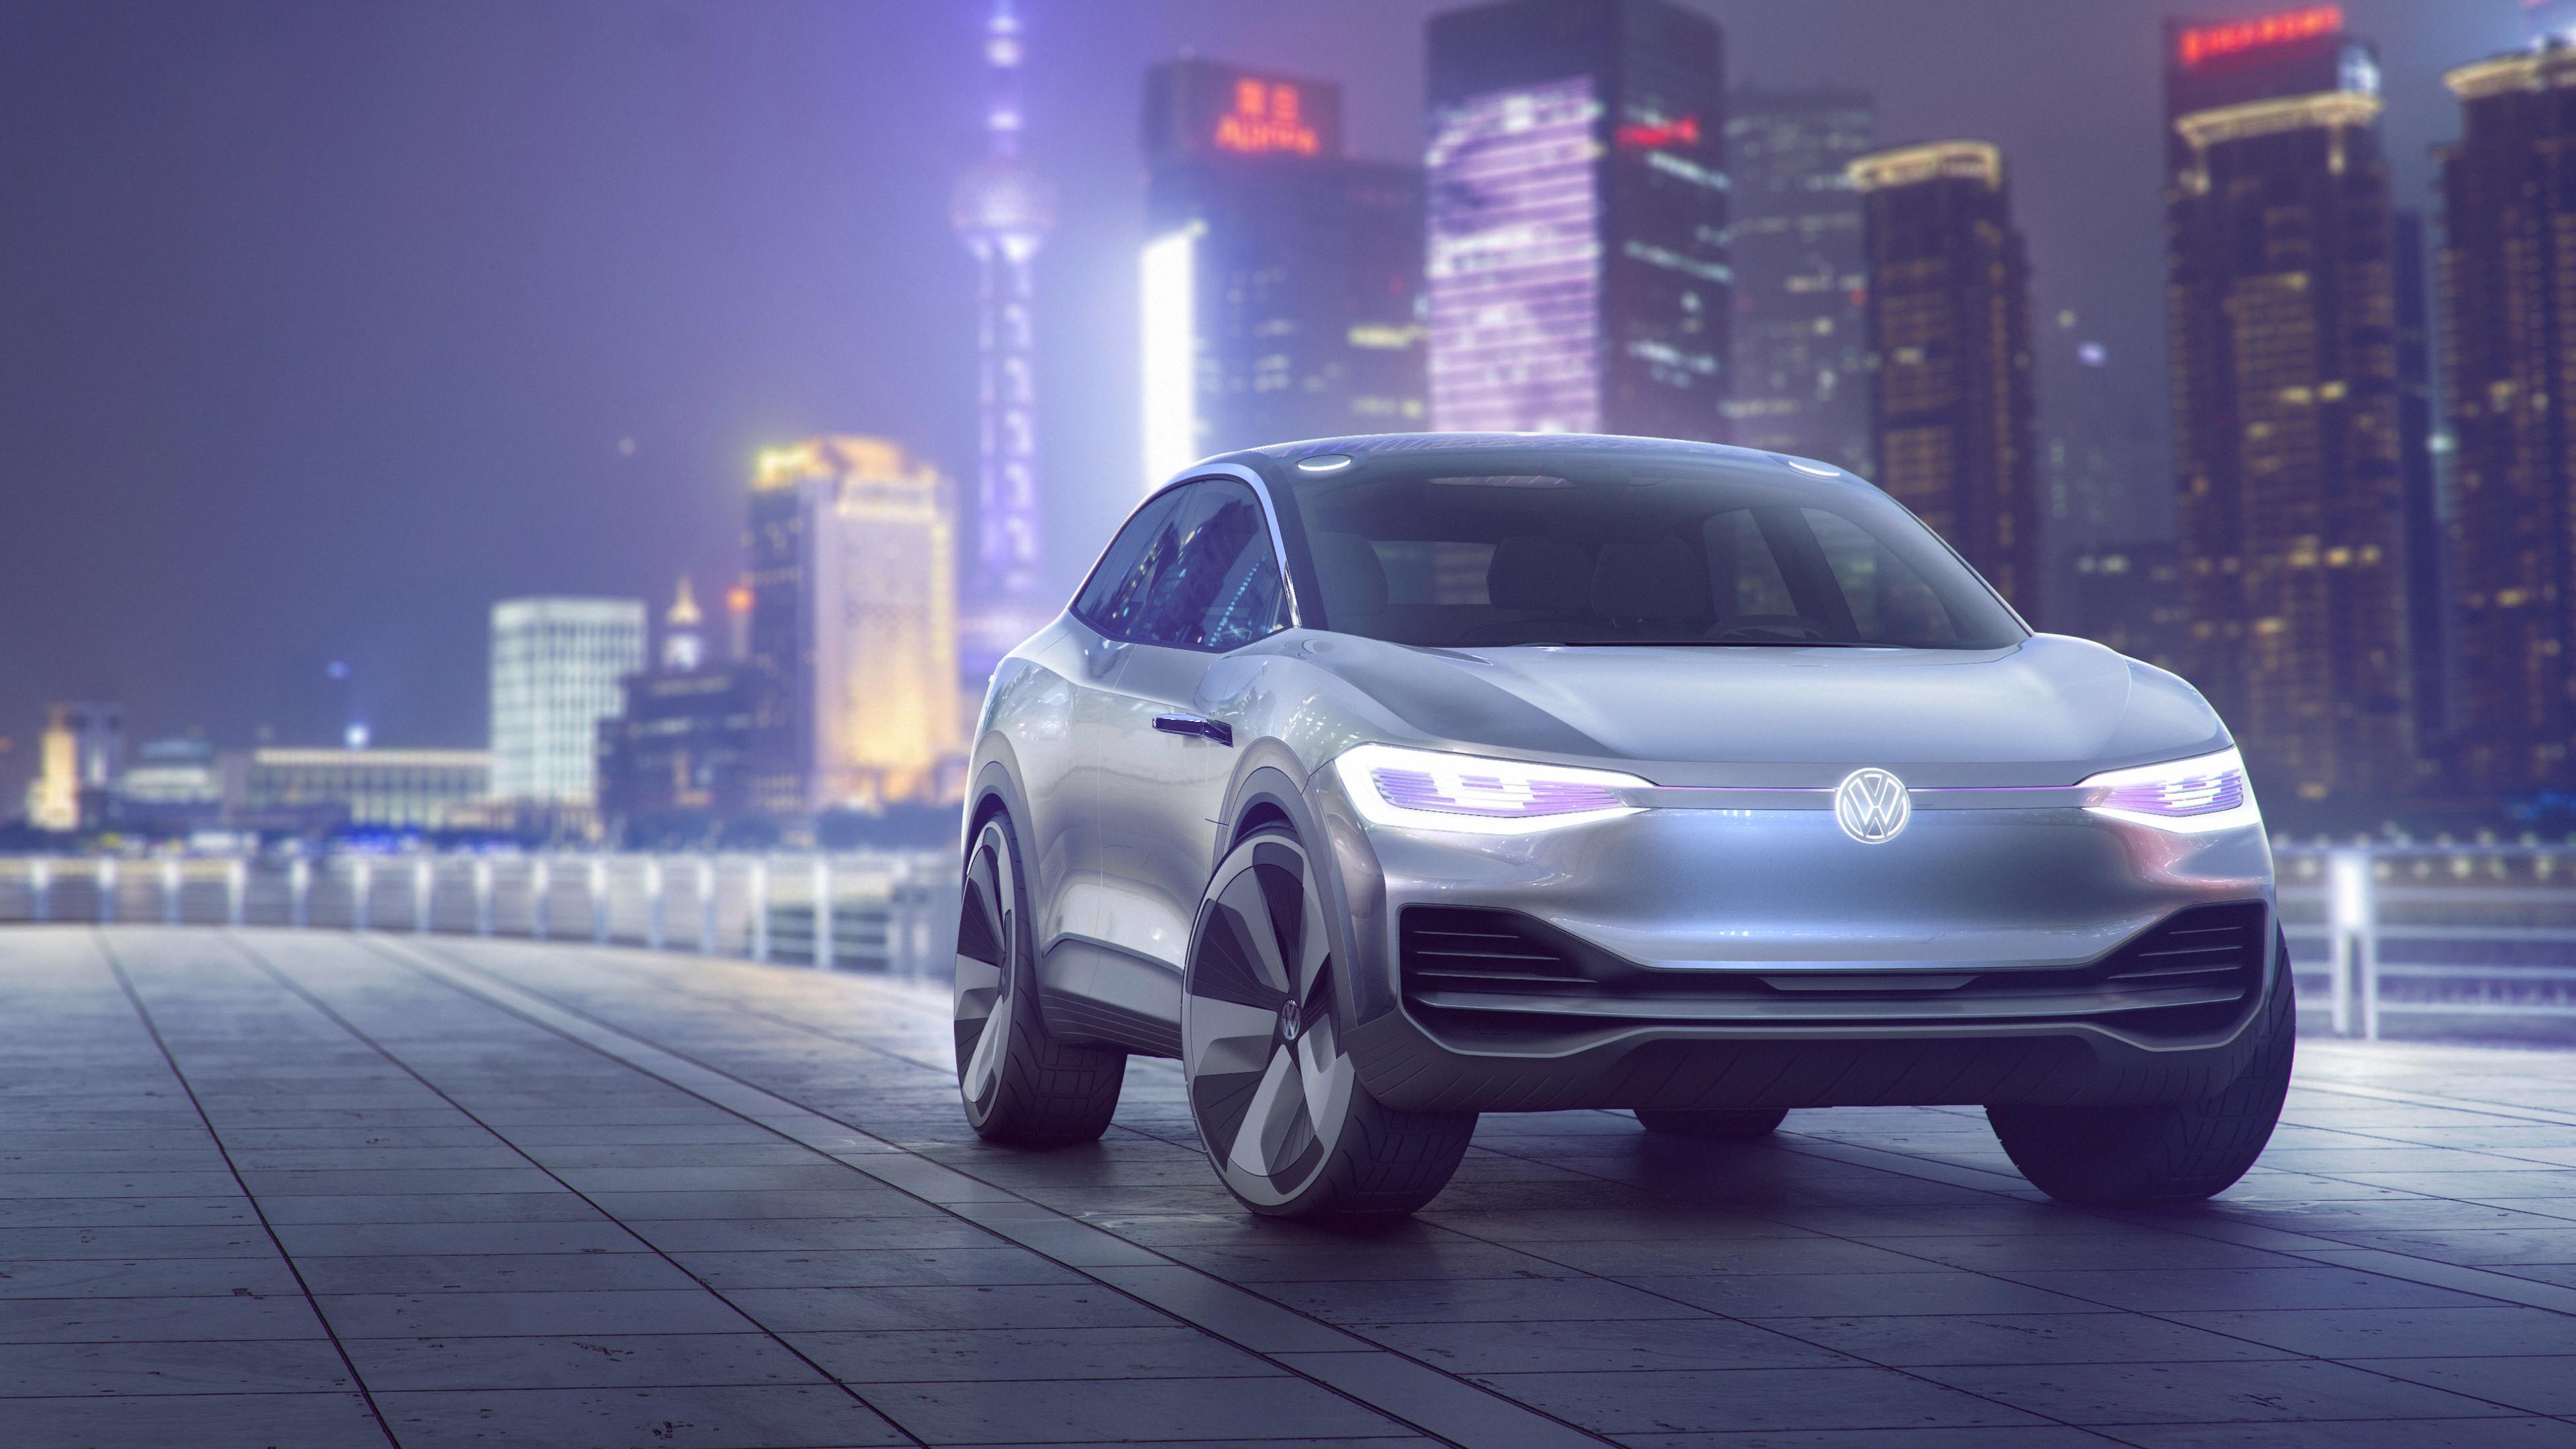 volkswagen id crozz concept 2017 1539105219 - Volkswagen ID Crozz Concept 2017 - volkswagen wallpapers, volkswagen id crozz wallpapers, hd-wallpapers, 4k-wallpapers, 2017 cars wallpapers